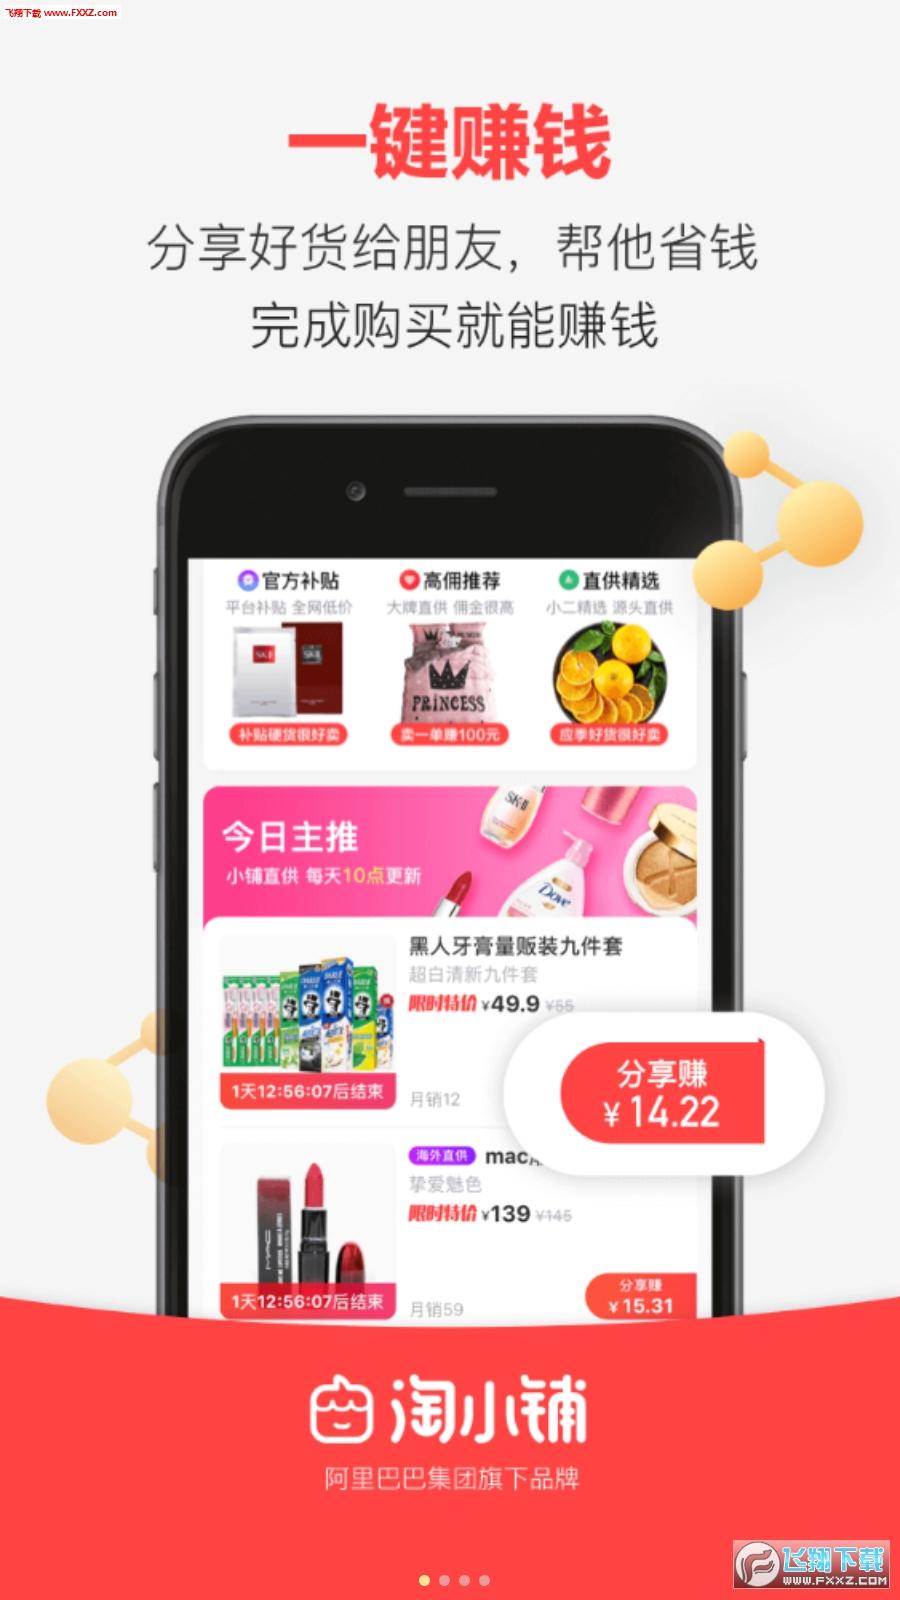 淘小铺免费分享淘宝商品赚钱app1.0截图2